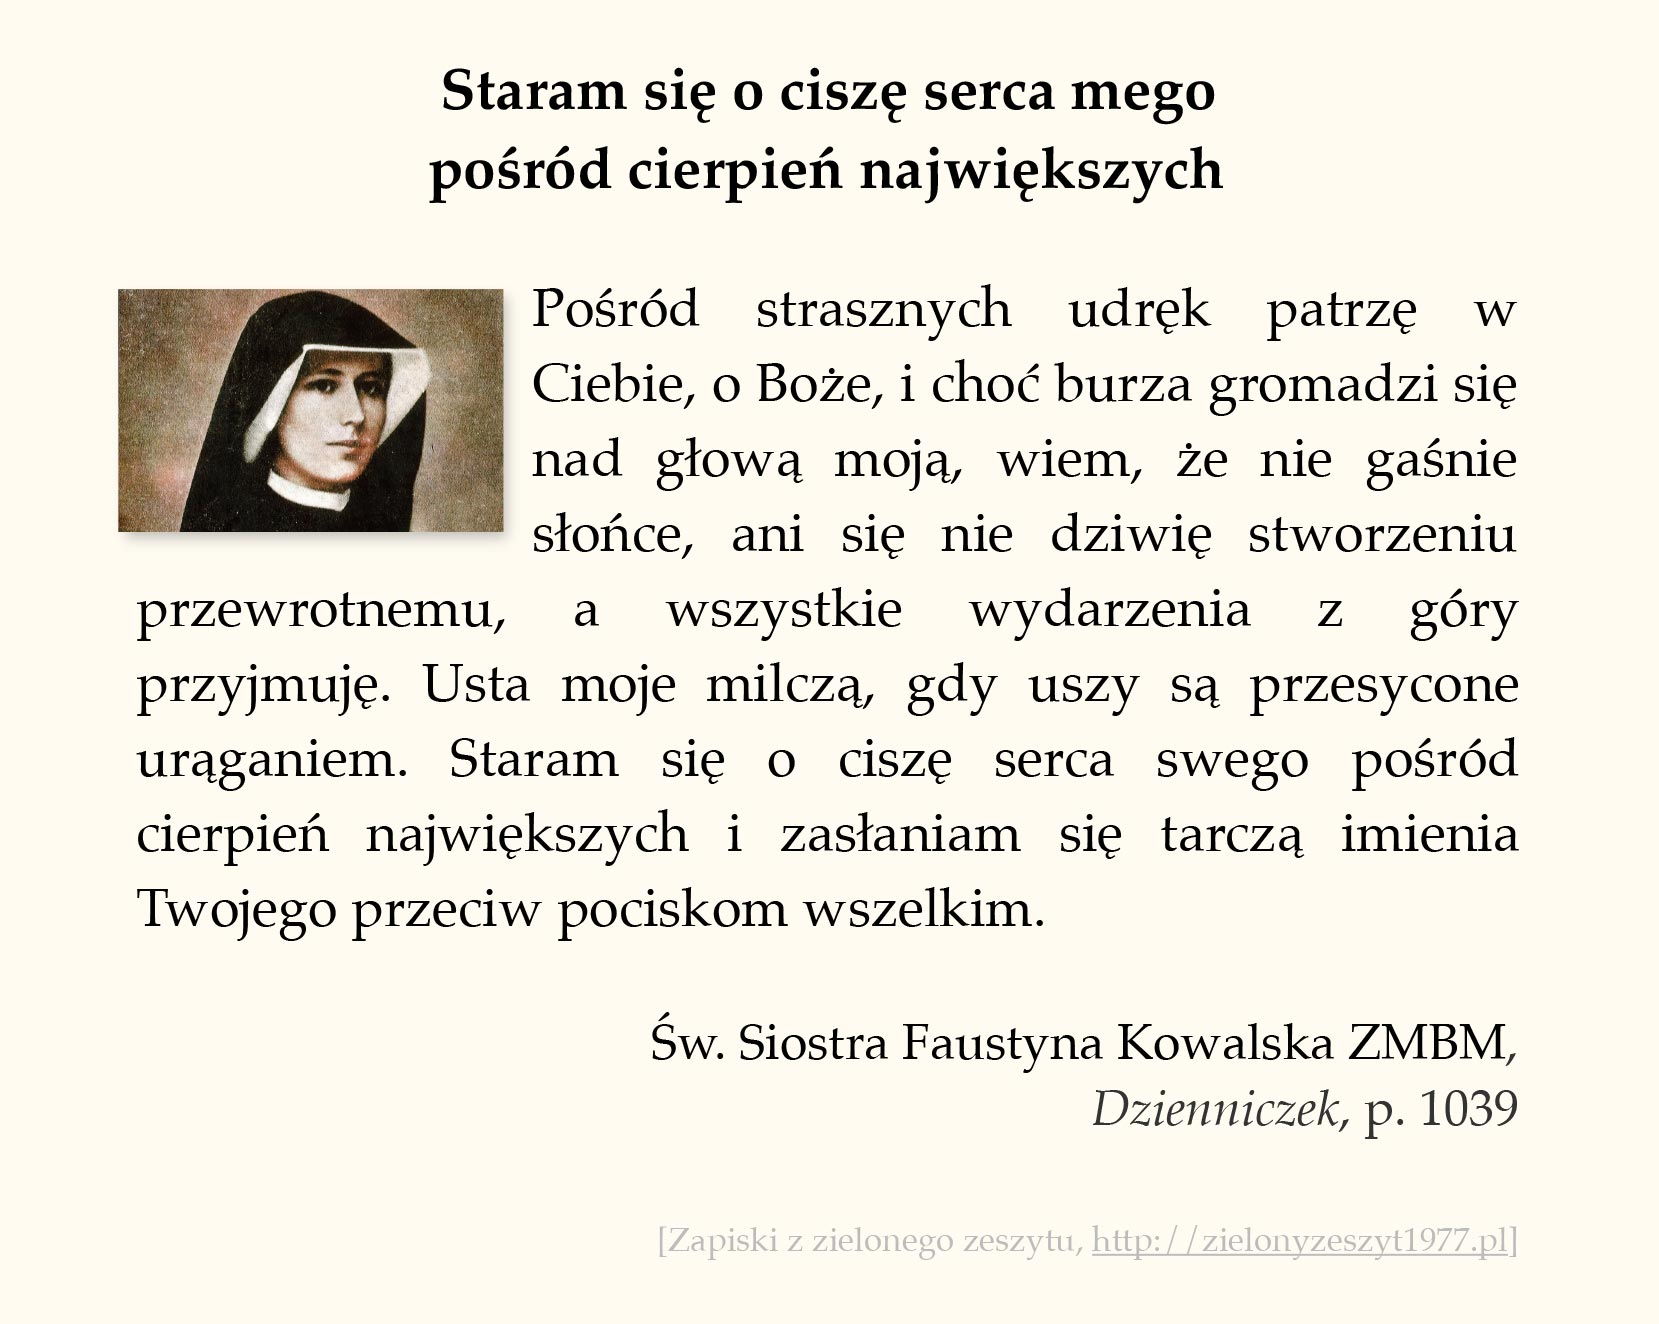 Staram się o ciszę serca mego pośród cierpień największych, św. Faustyna Kowalska